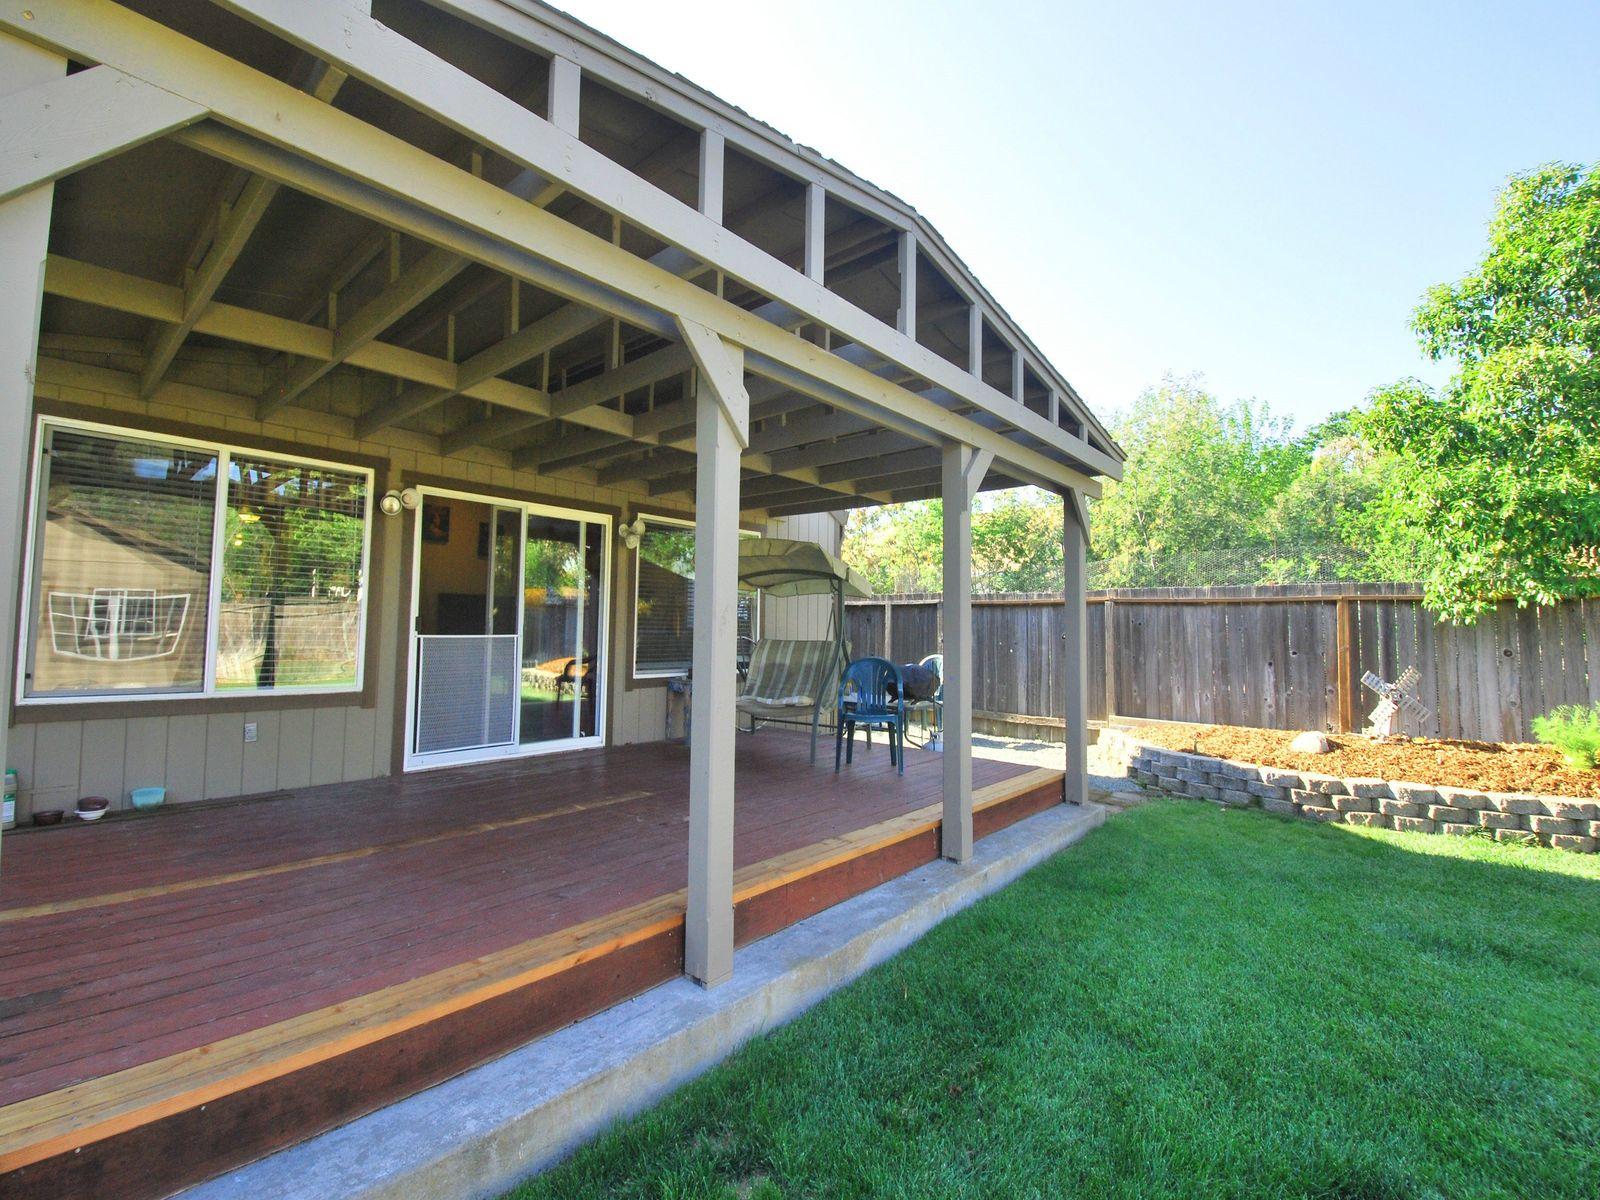 Picture Perfect Home, Private Backyard